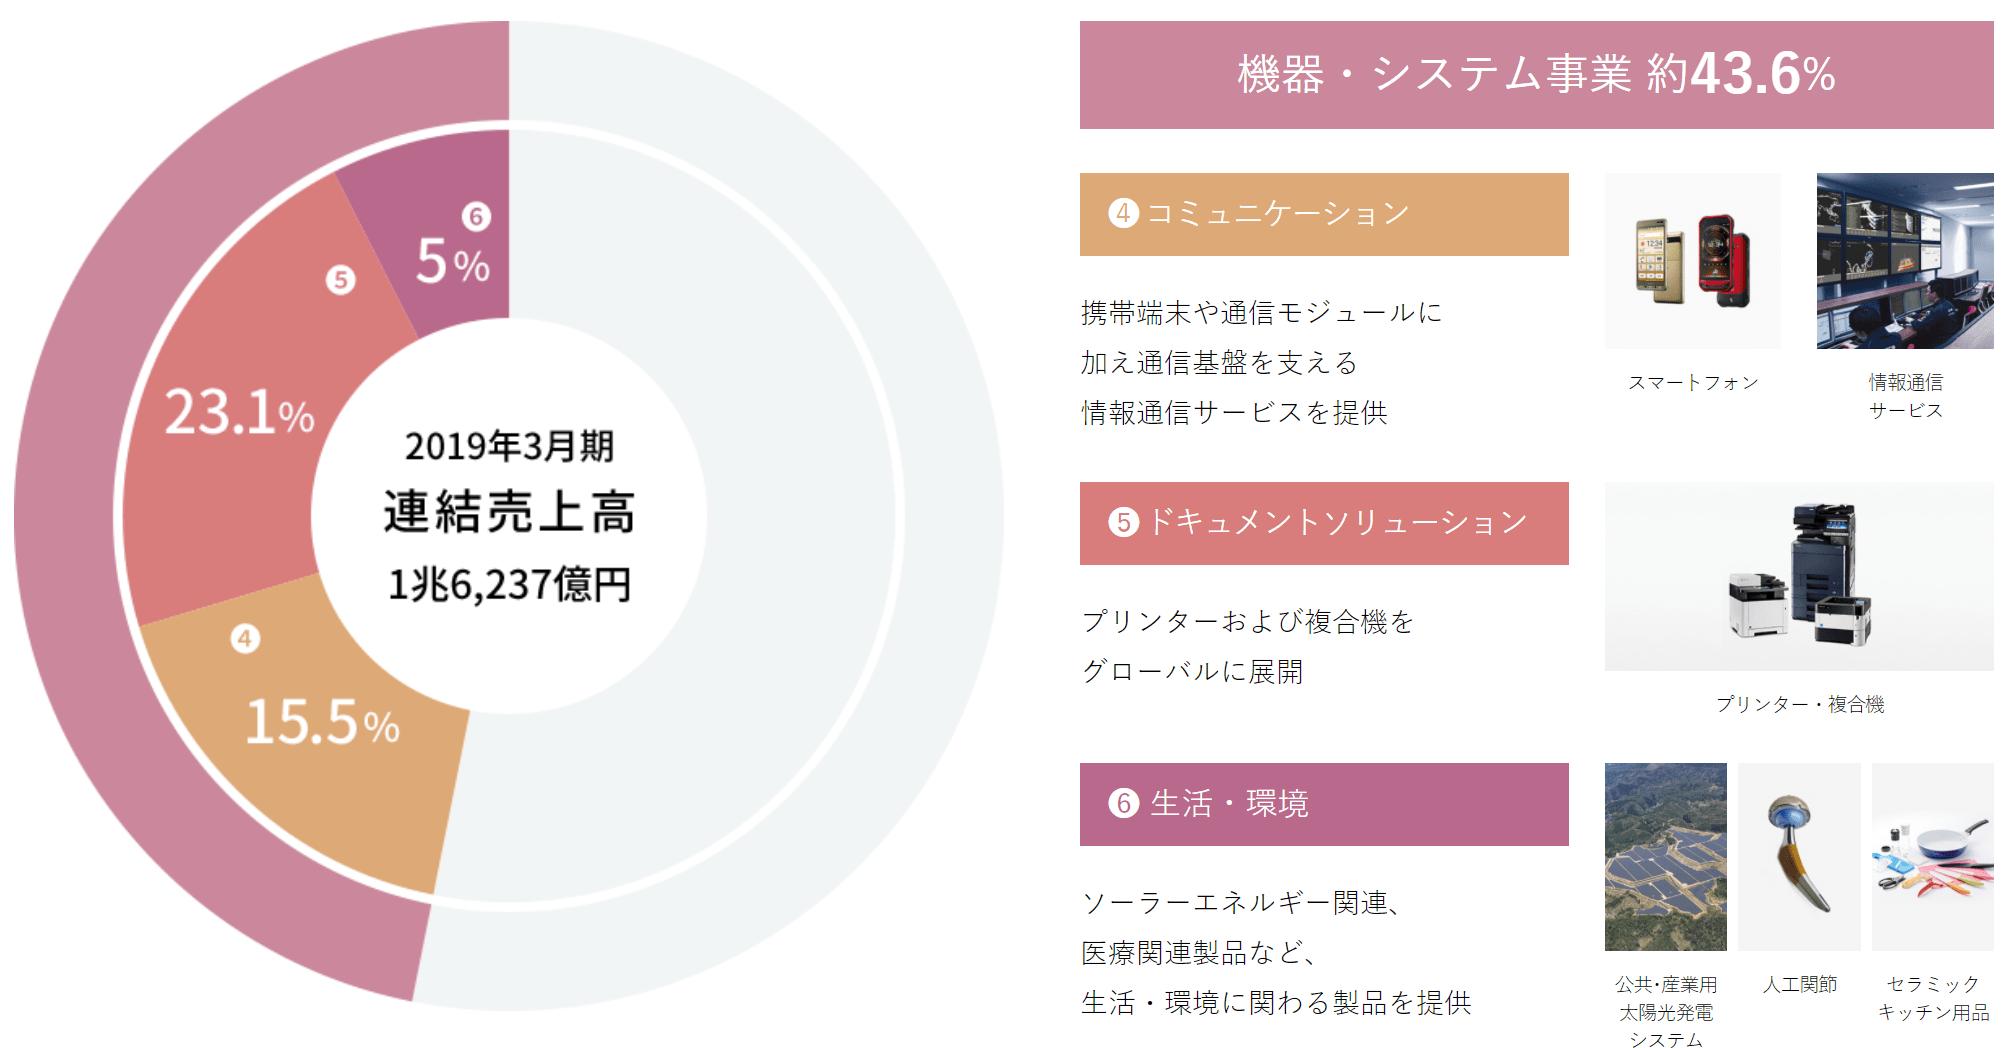 京セラ 機器・システム事業